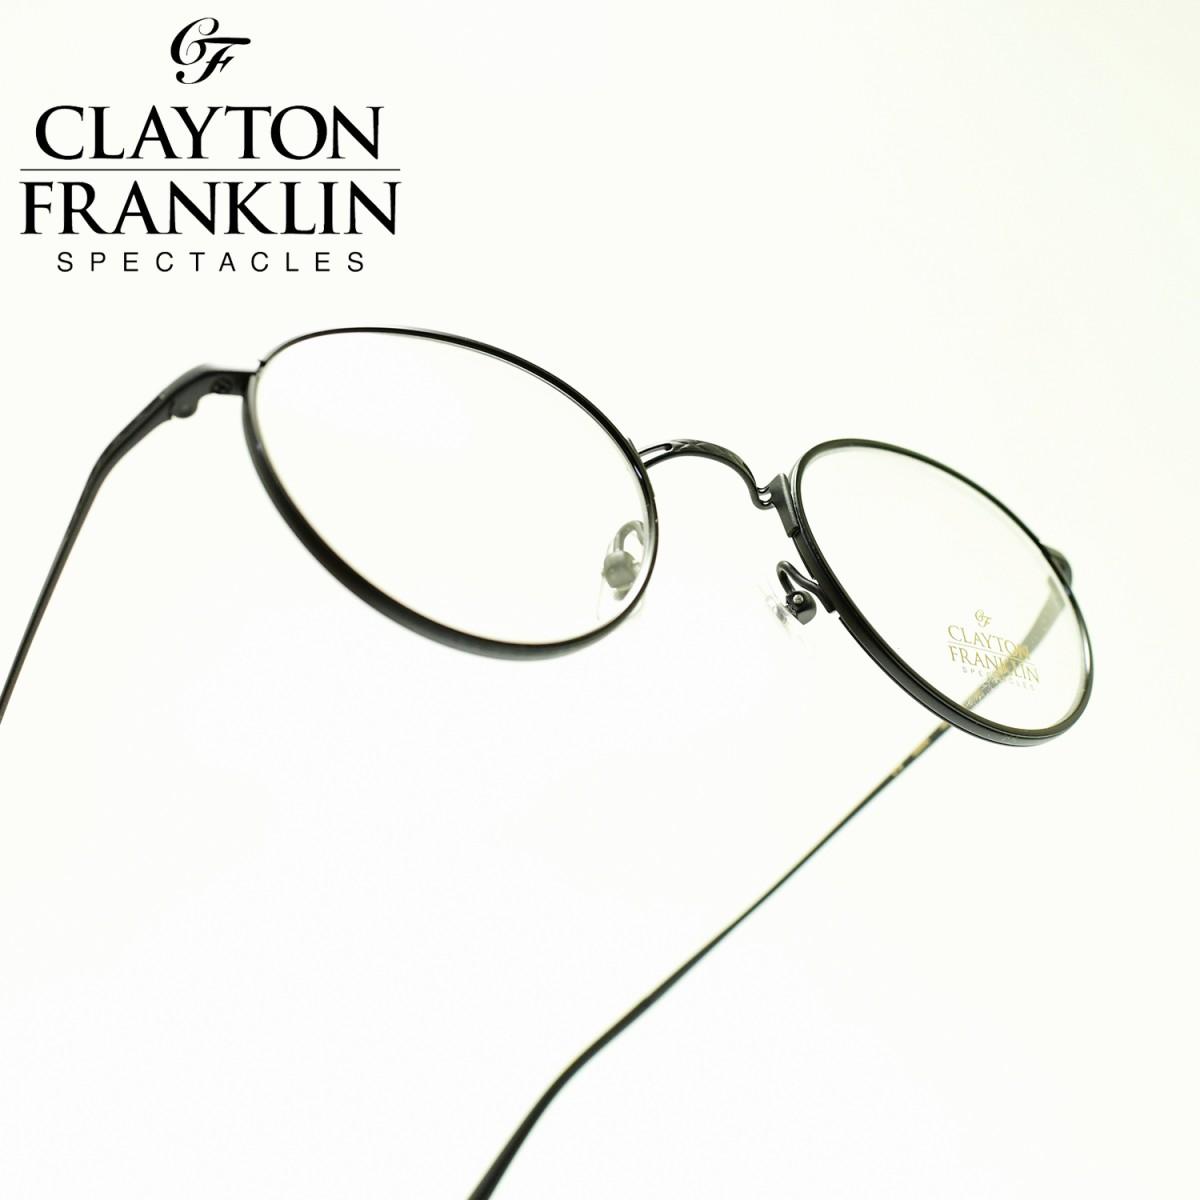 CLAYTON FRANKLIN クレイトンフランクリン635 MBK(マットブラック/デモレンズ)メガネ 眼鏡 めがね メンズ レディース おしゃれブランド 人気 おすすめ フレーム 流行り 度付き レンズ